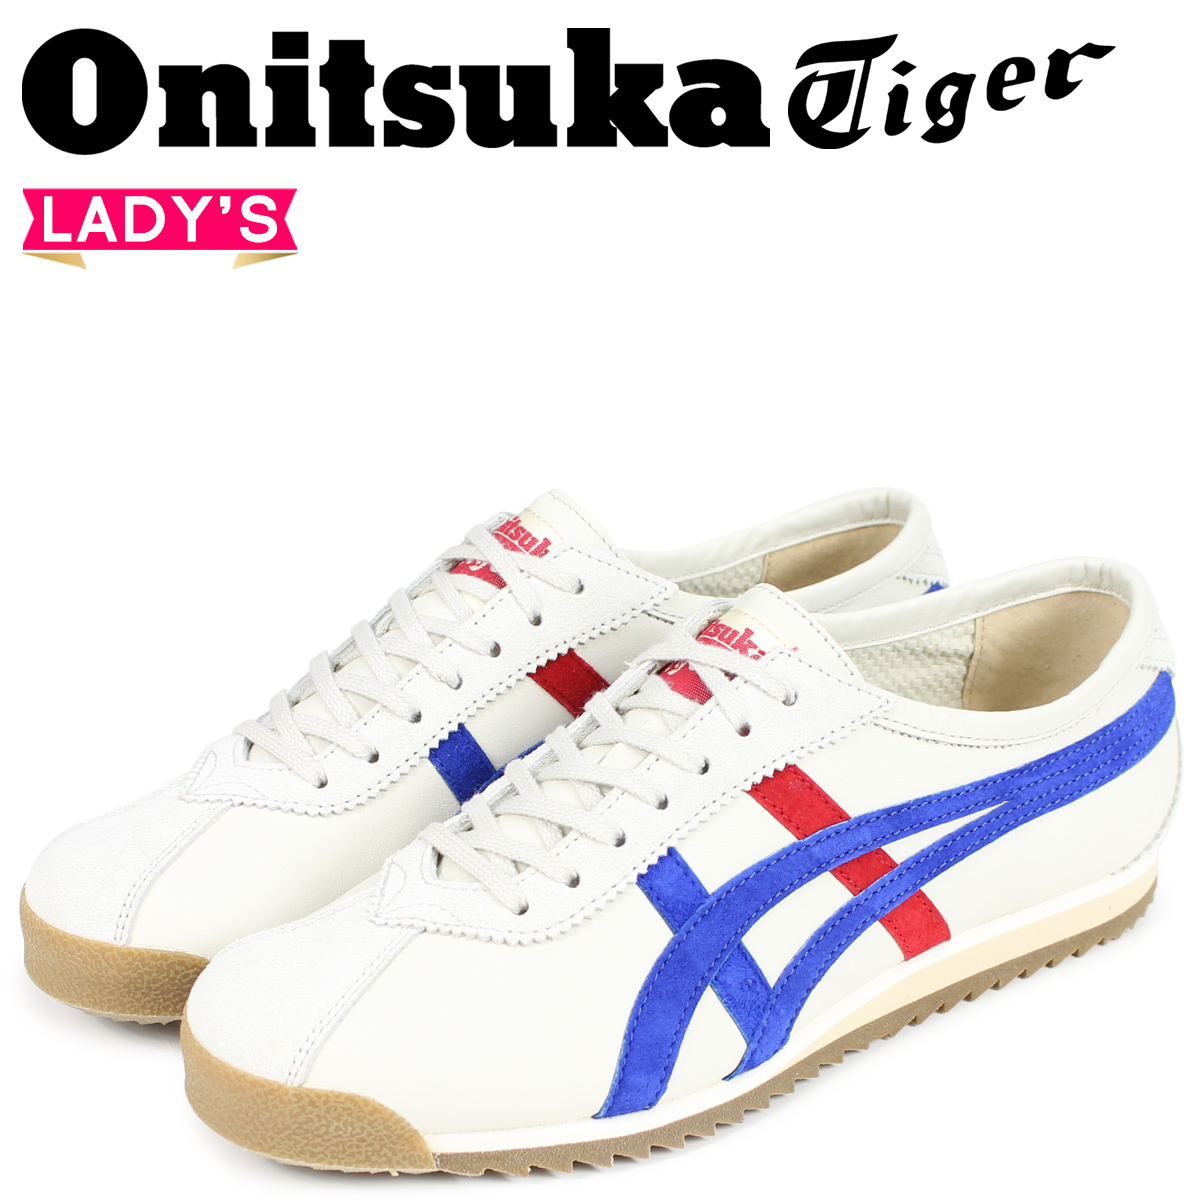 Onitsuka Tiger リンバー 66 オニツカタイガー LIMBER 66 PRESTIGE レディース スニーカー OT6000-9942 オフホワイト